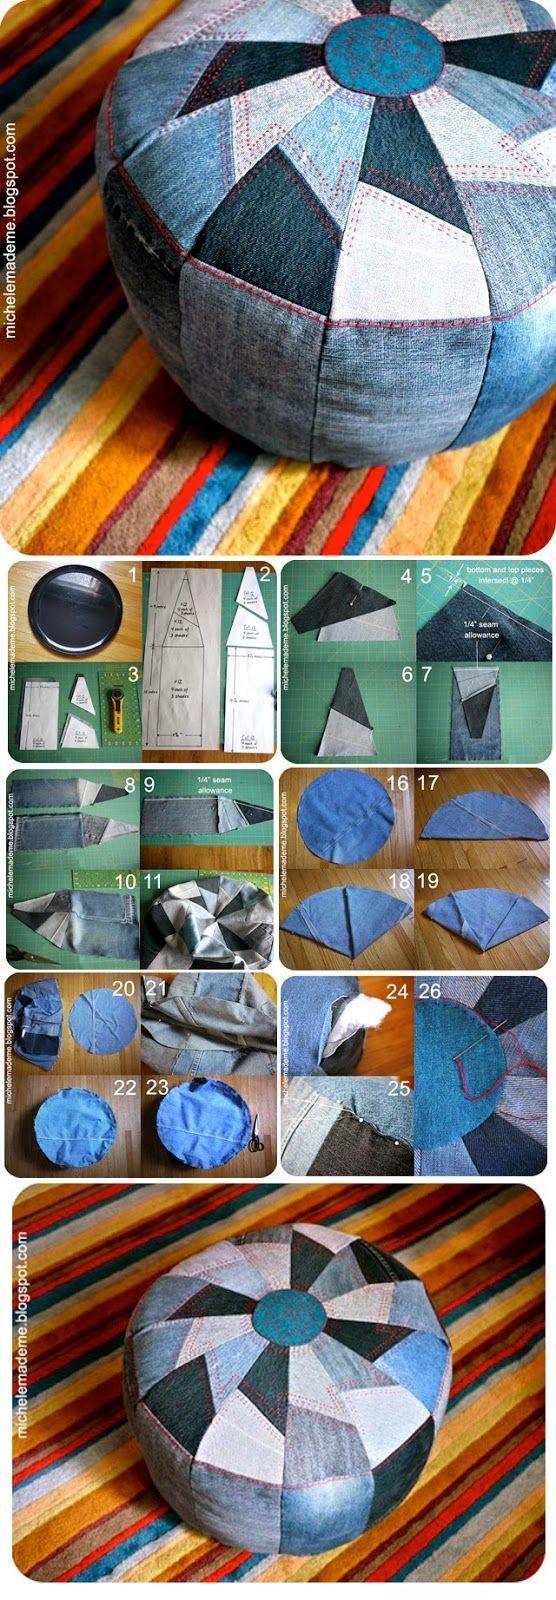 ABCDIY: 13 Ideas para reciclar viejos pantalones vaqueros en cosas útiles: